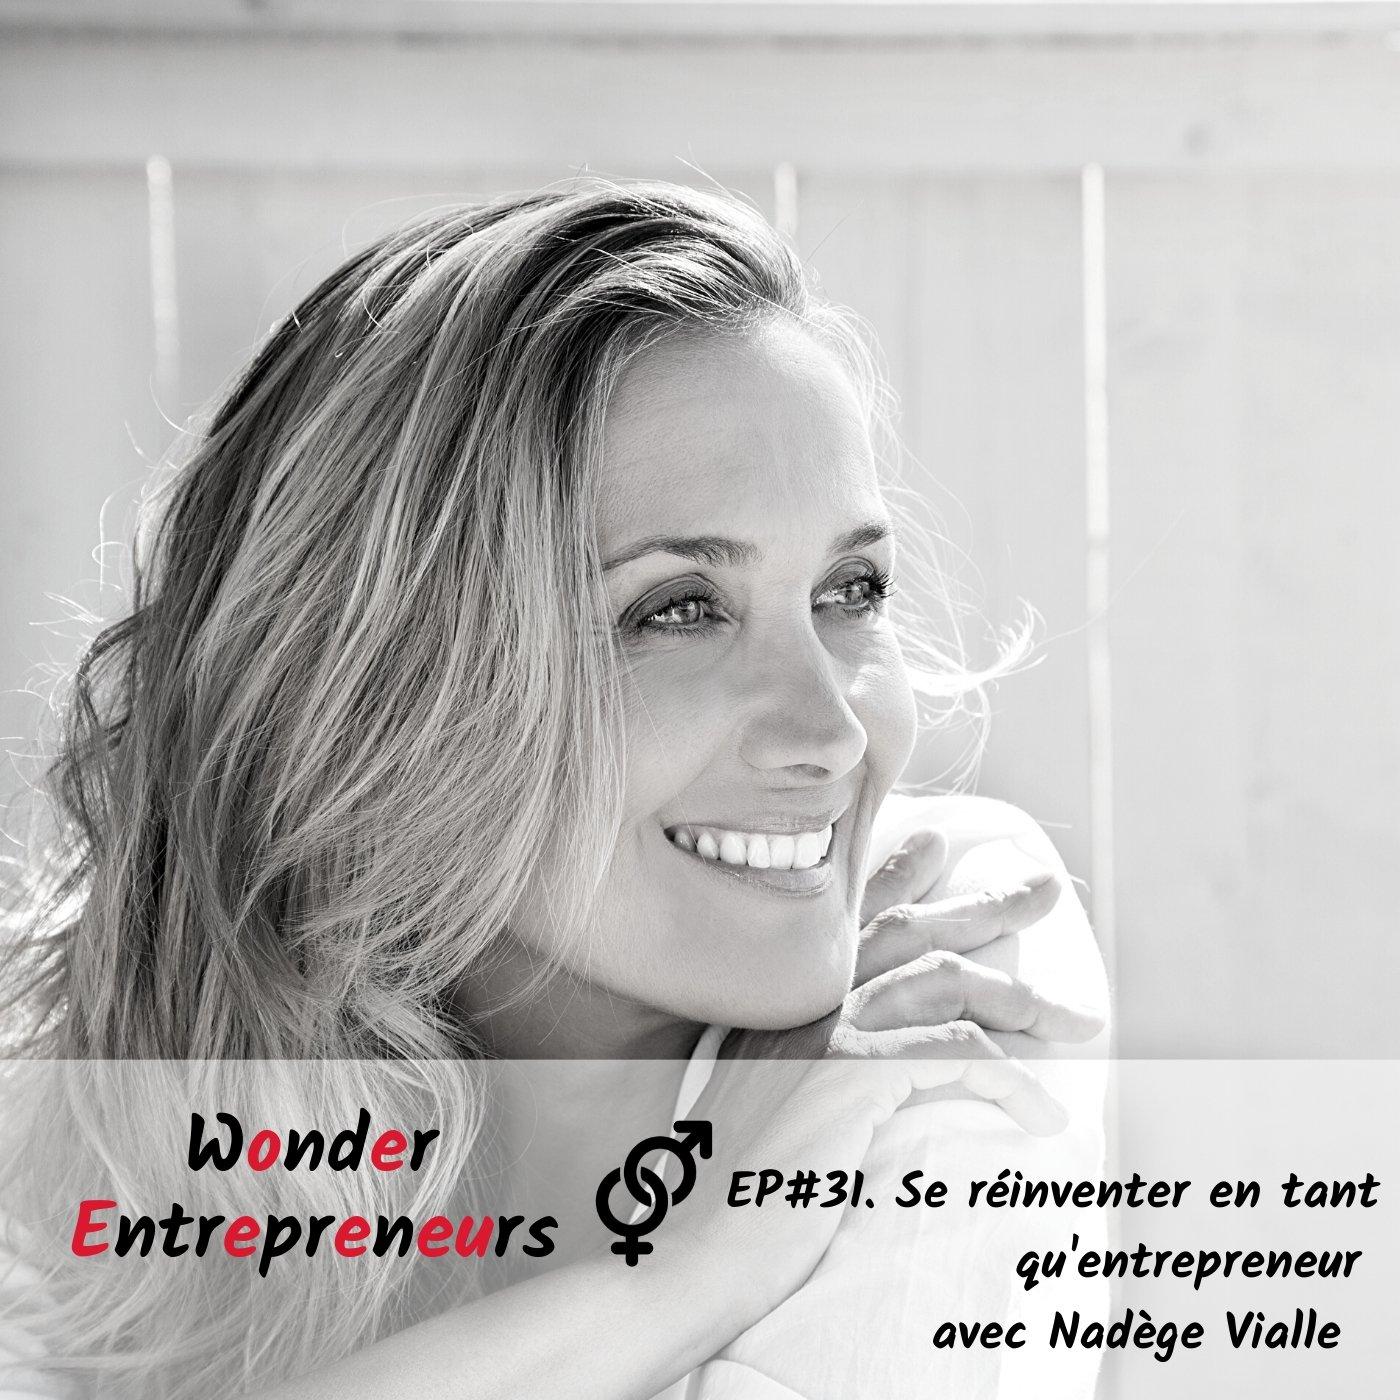 EP 31 Podcast Wonder Entrepreneurs Se réinventer en tant qu'entrepreneur